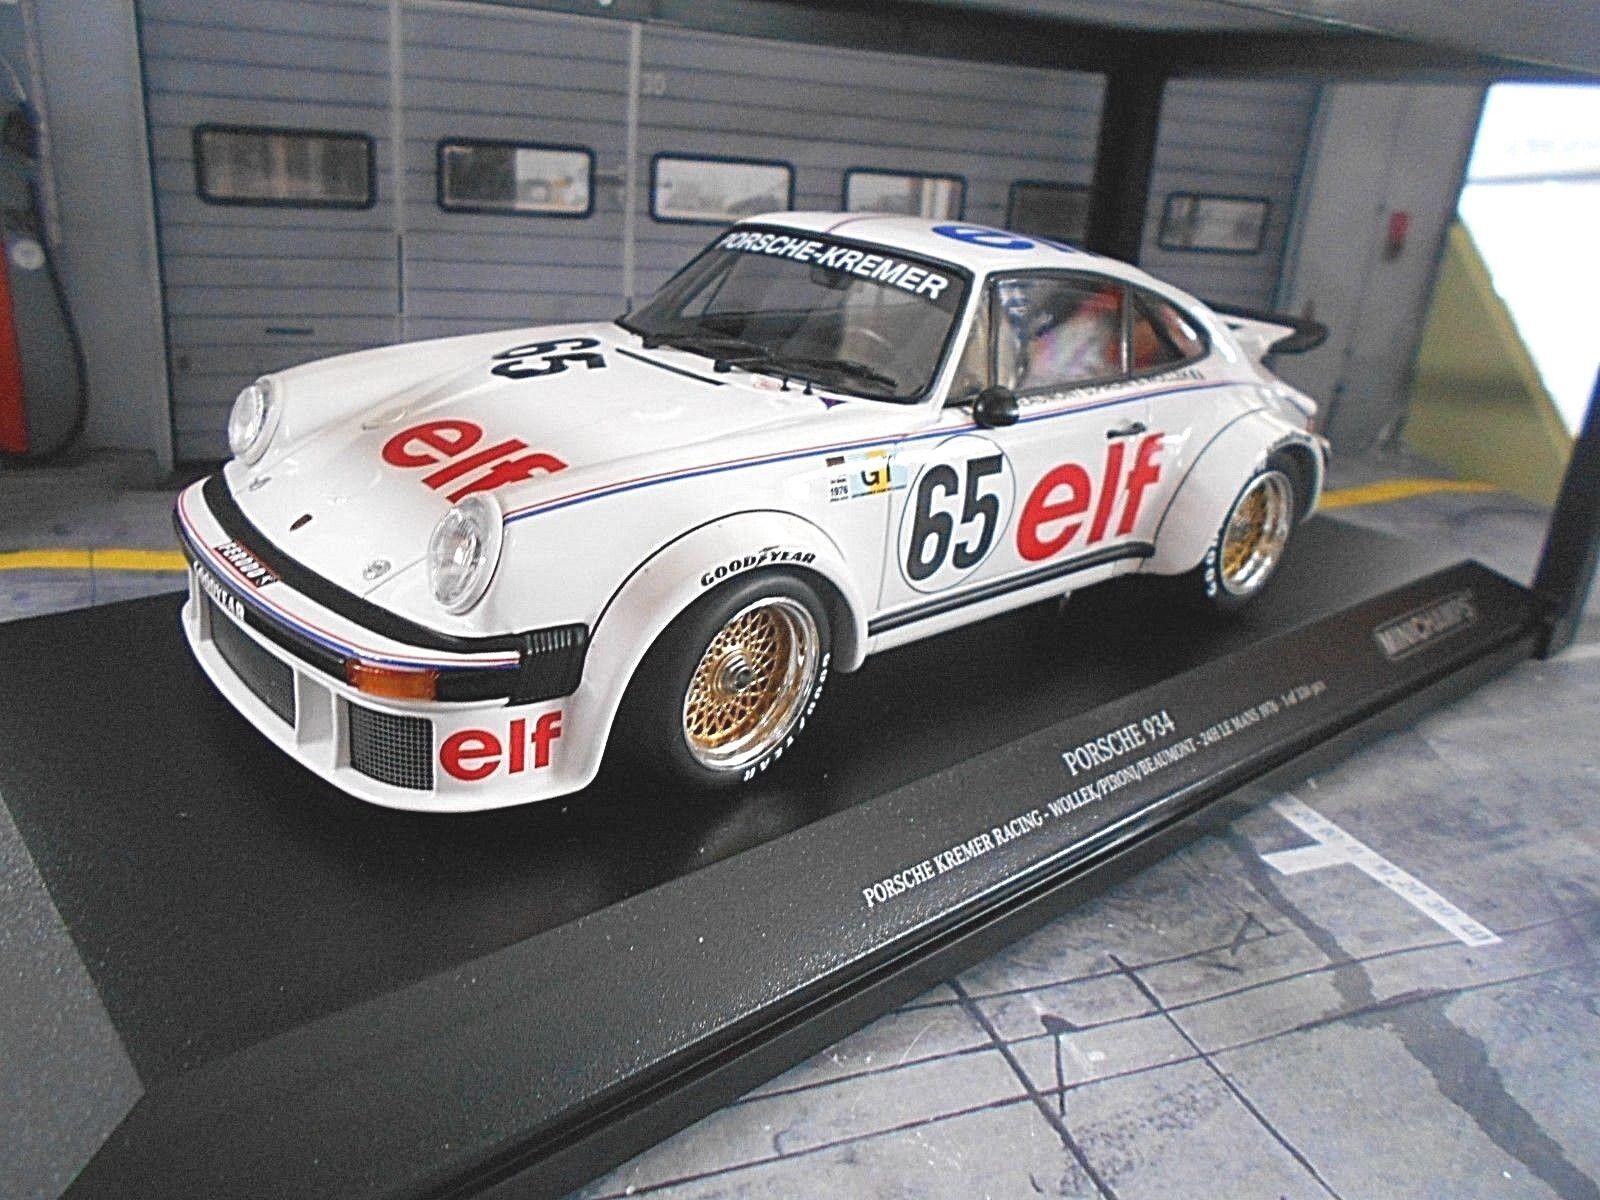 Porsche 911 934 turbo kremer le mans 1976 wollek pironi once Minichamps 1 18